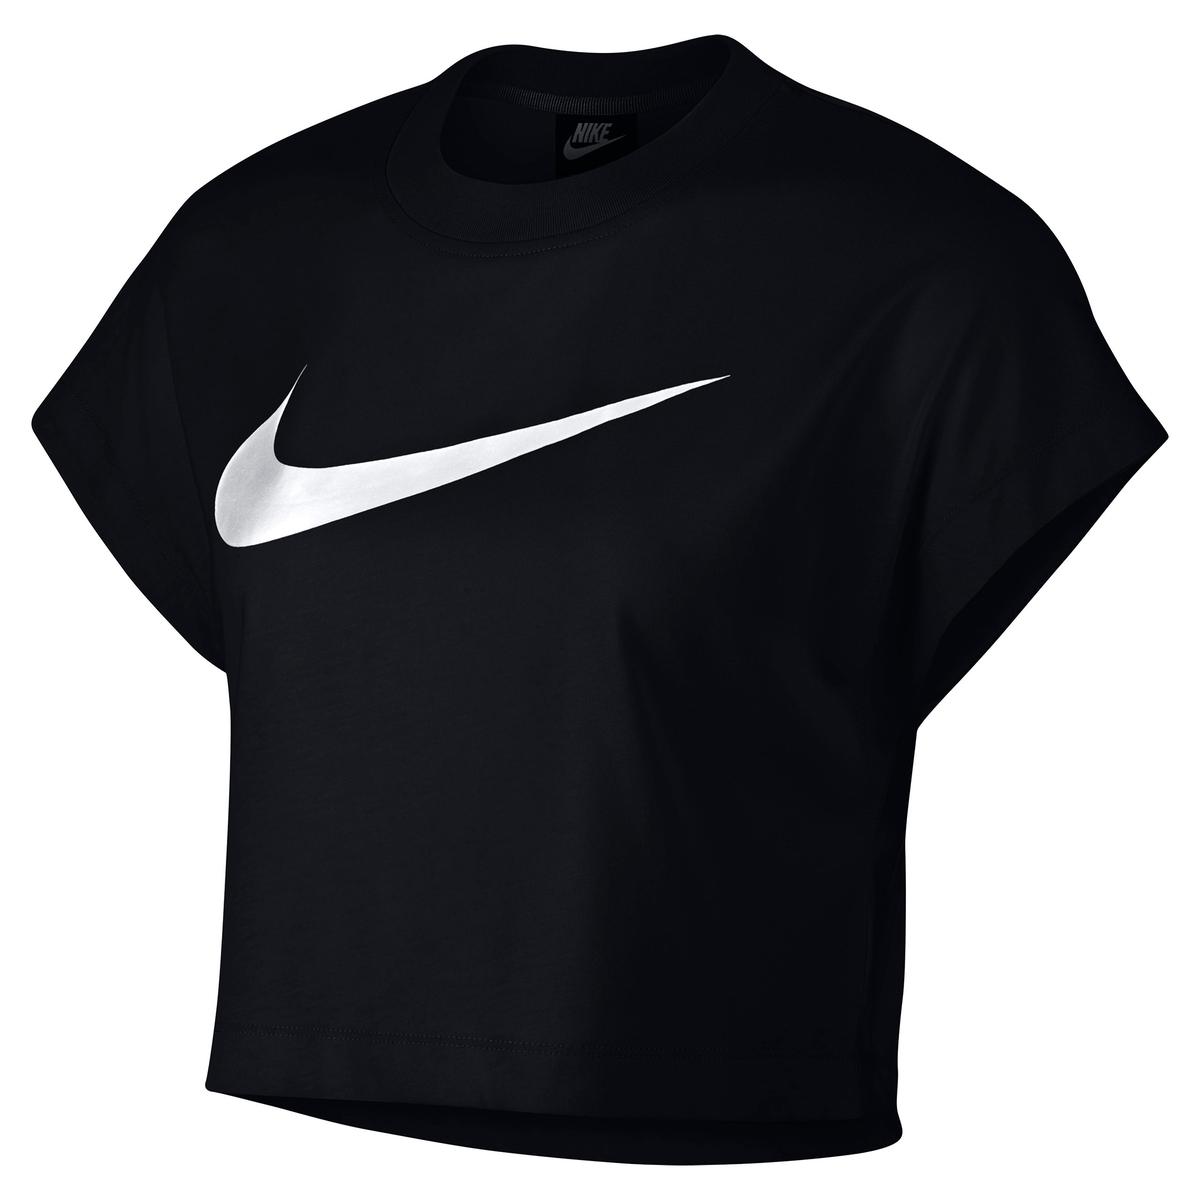 Camiseta con corte corto y logotipo en el pecho